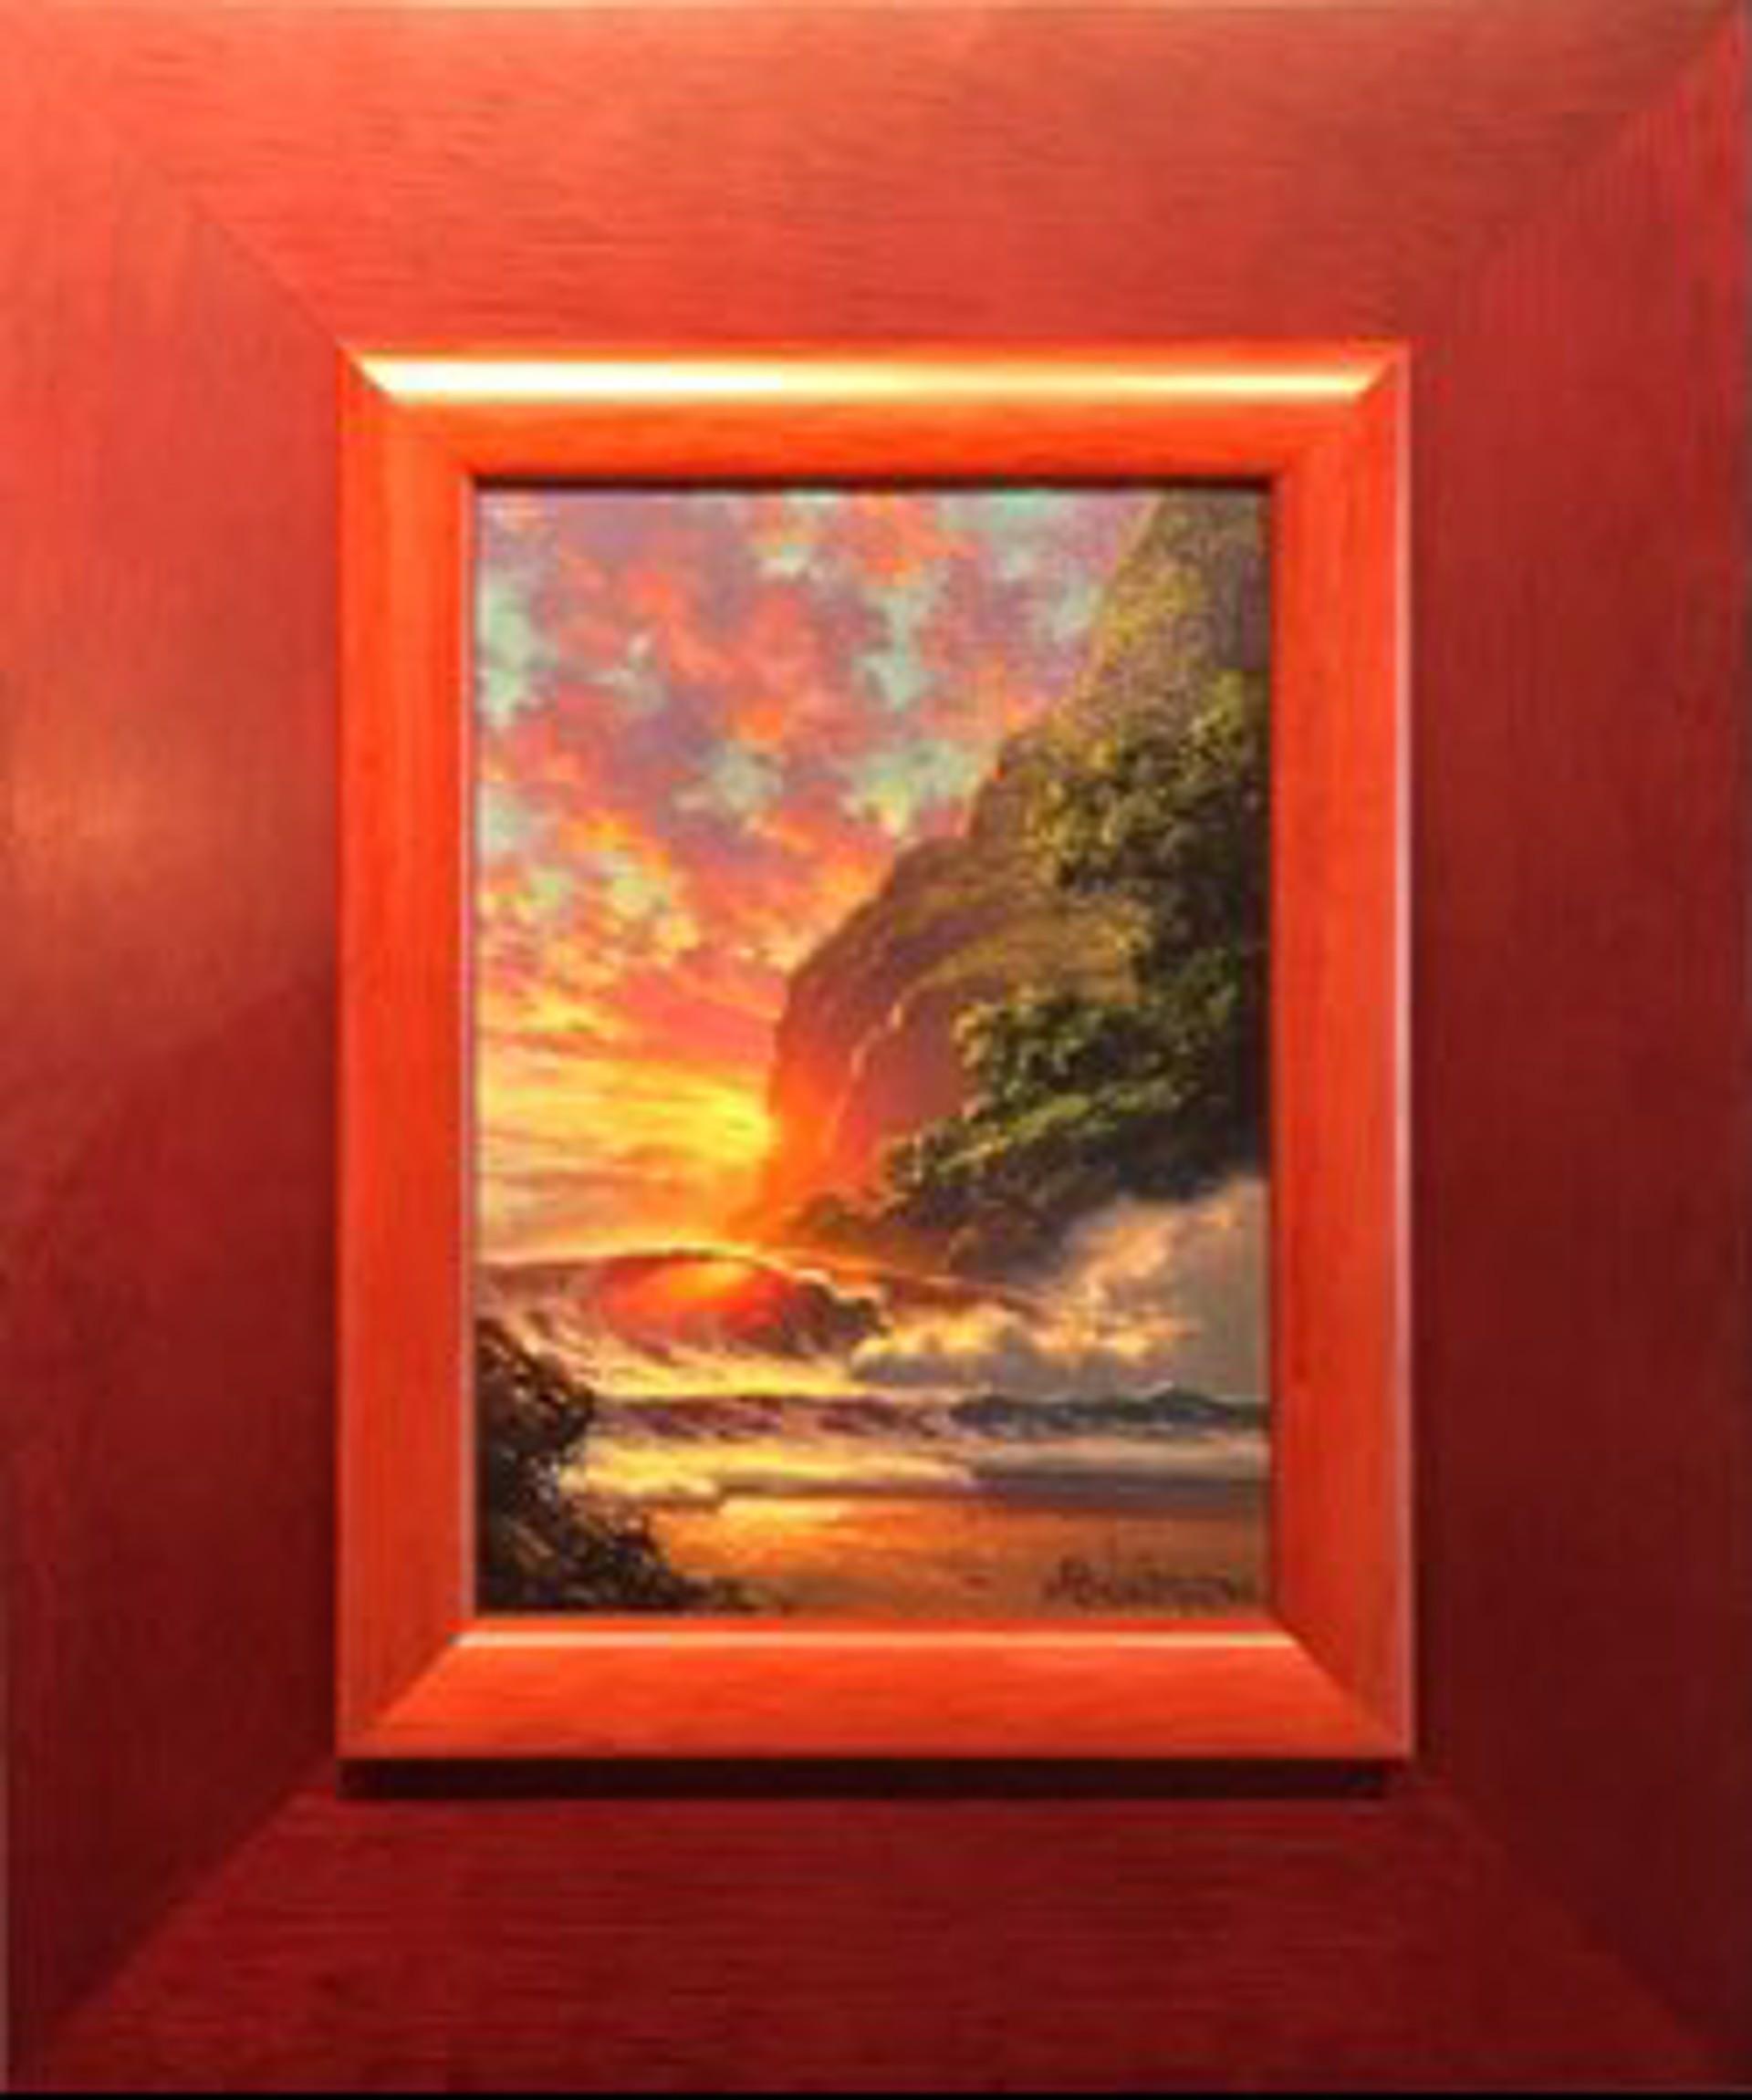 Sunset Symphony by Roy Tabora